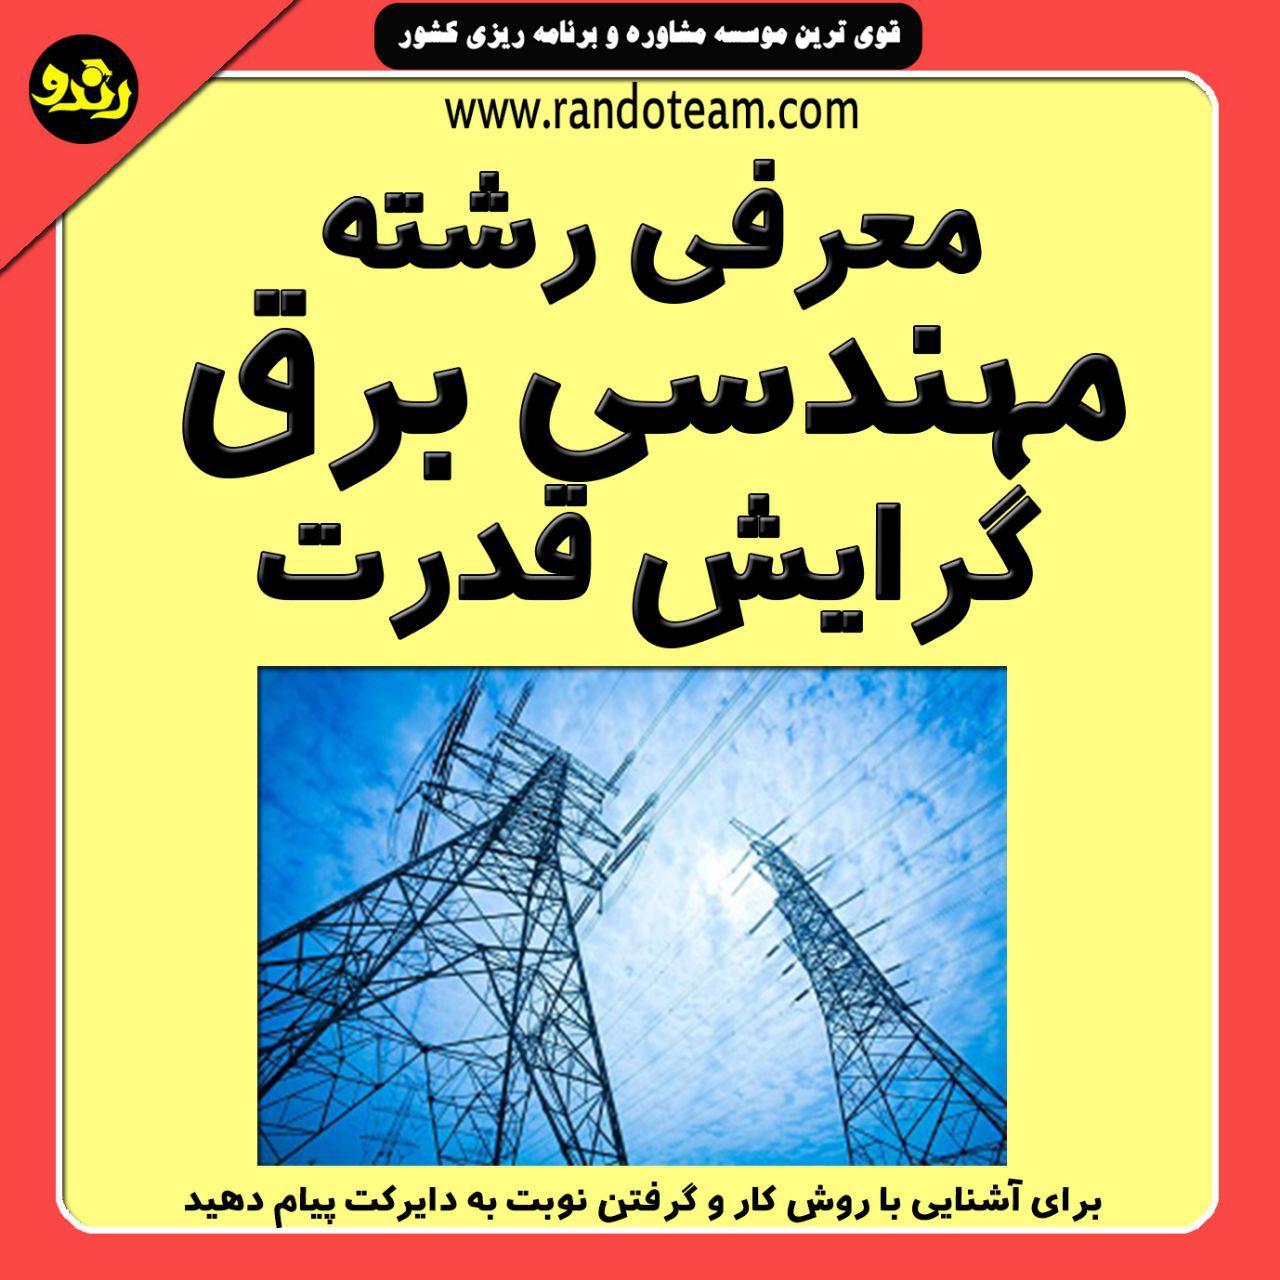 رشته مهندسی برق گرایش قدرت